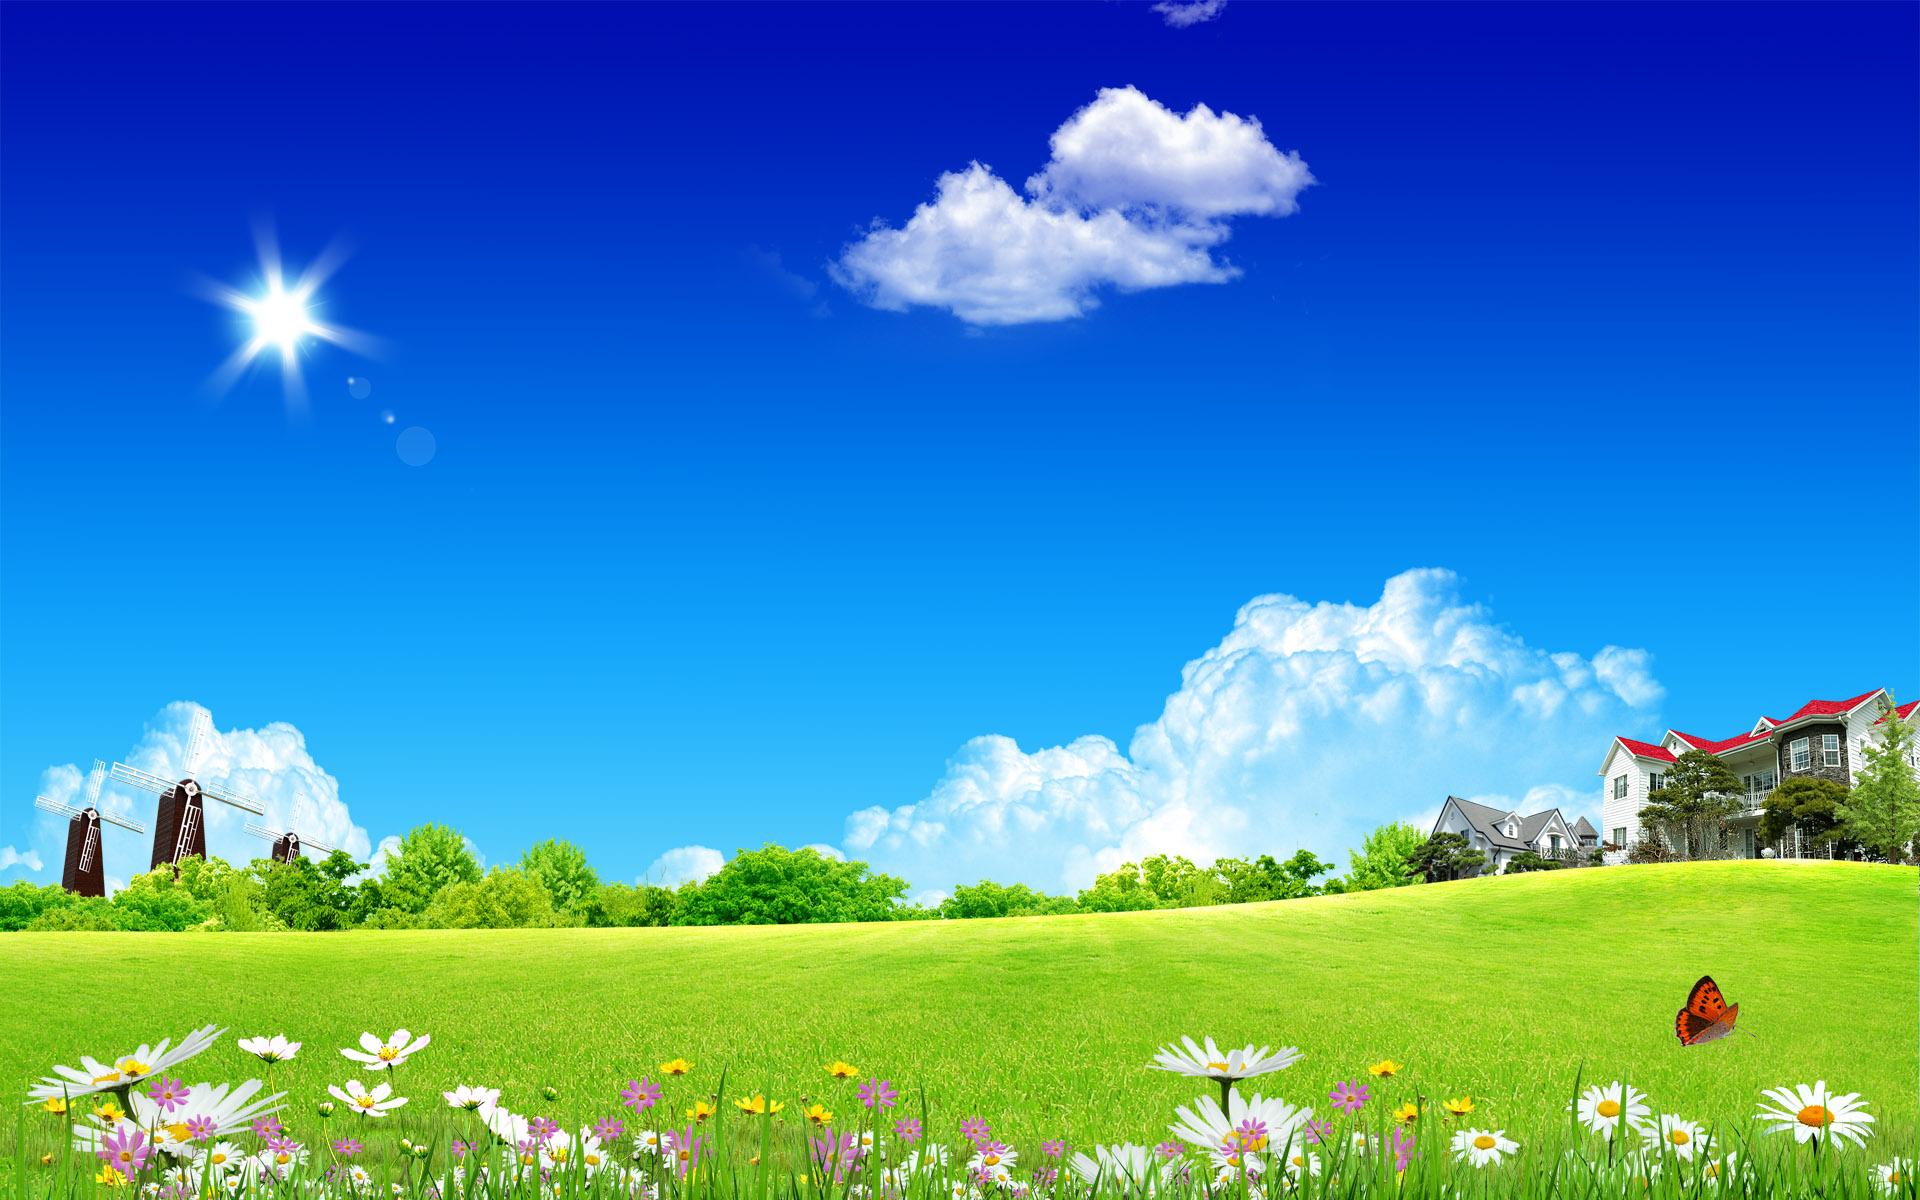 зеленая полянка, фото, обои для рабочего стола, лето, небо, облака